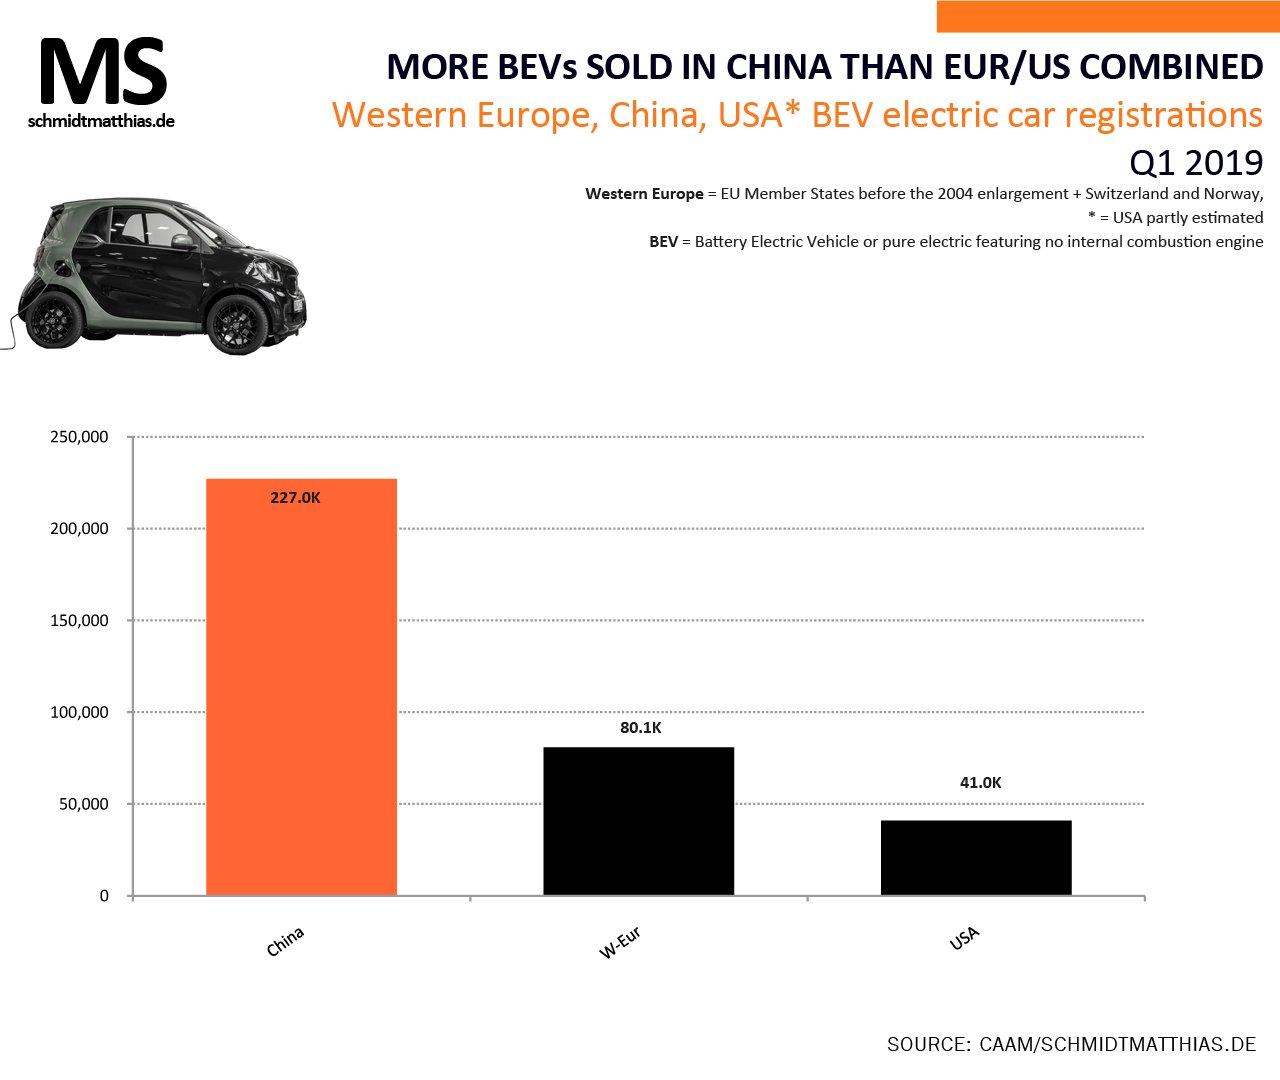 Продажи электромобилей в Китае, США и Европе в 1 квартале 2019 года